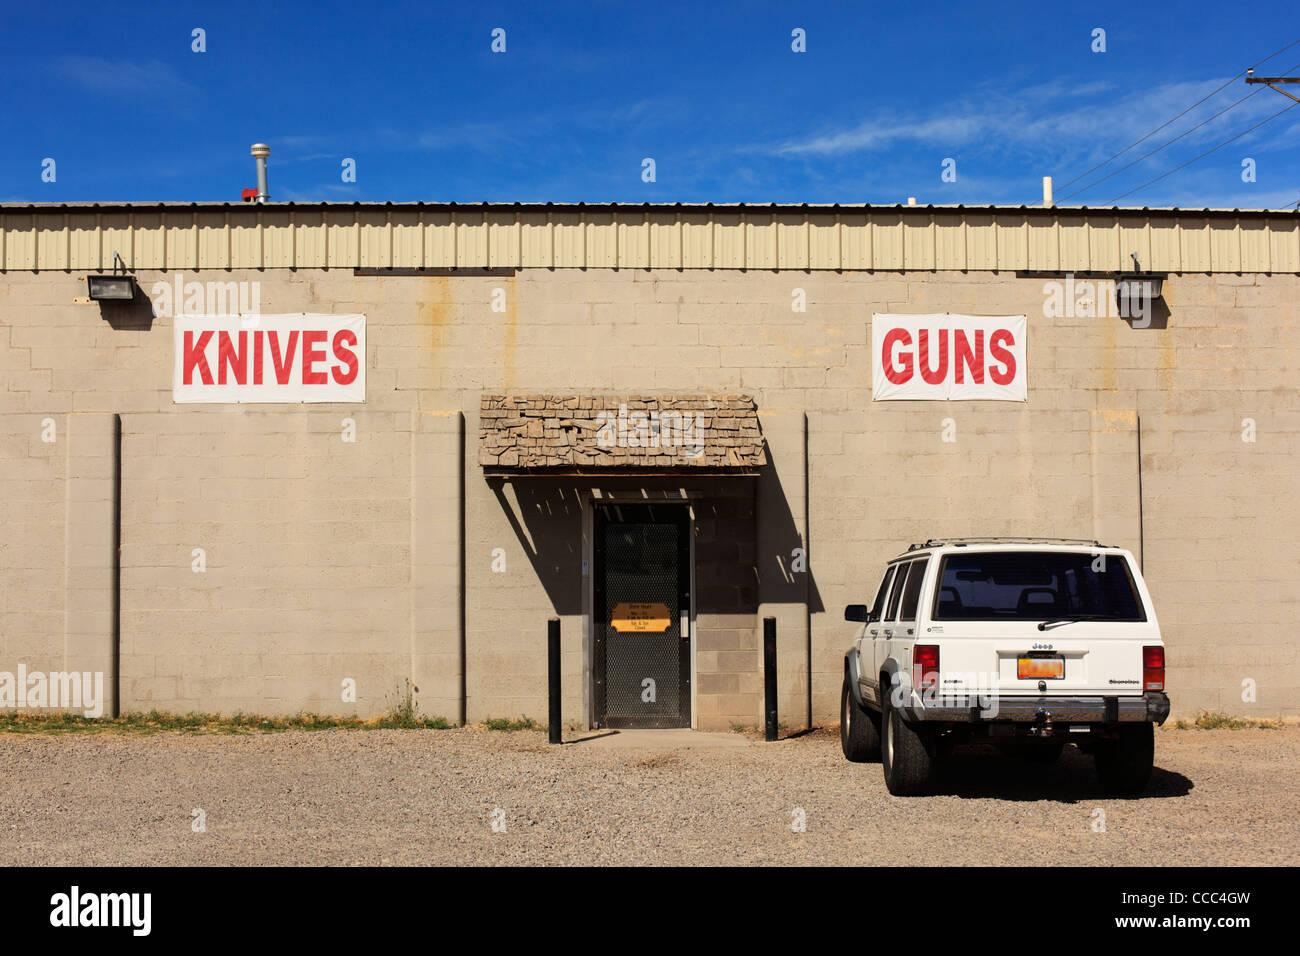 Geschäft mit Messer und Pistolen, New Mexico, USA (Kfz-Zulassung verdeckt). Stockbild